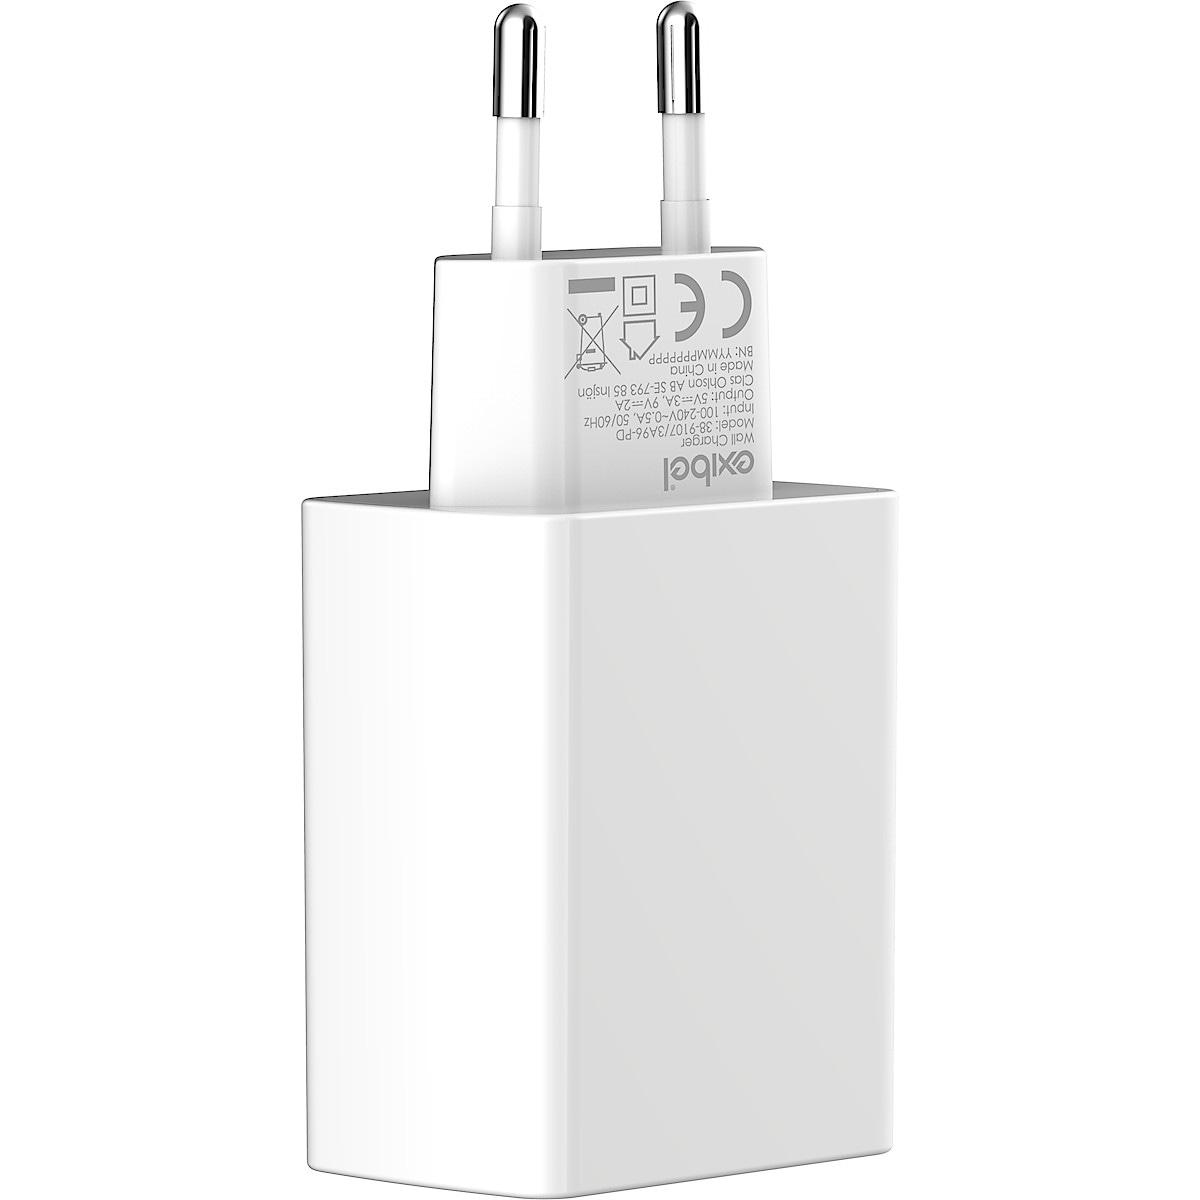 Laturi USB-C 18 W Exibel